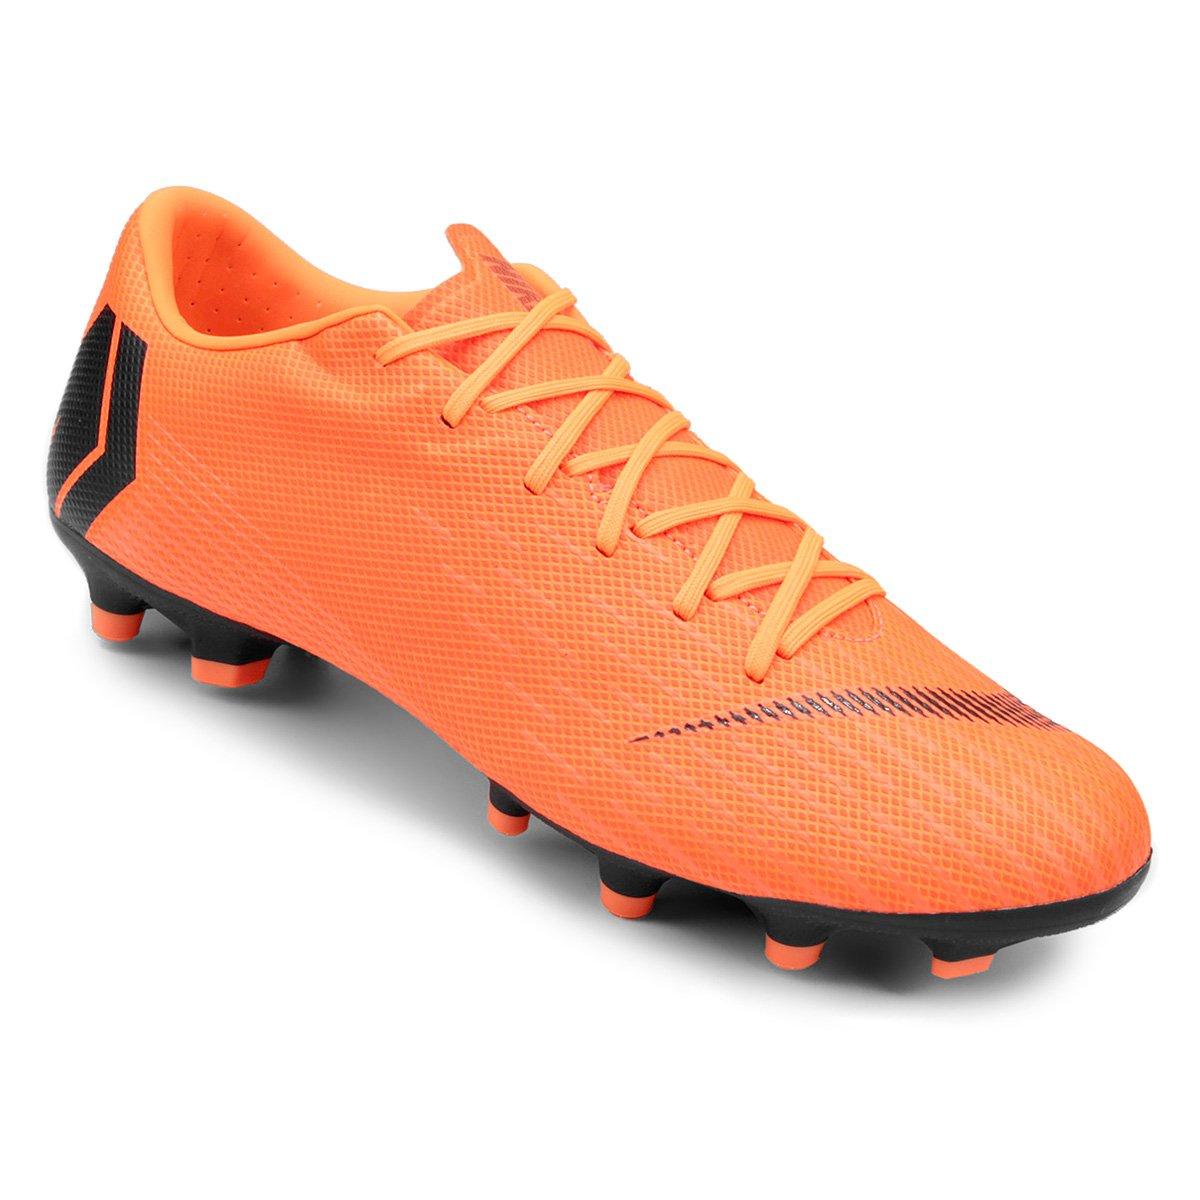 5e29f8df08 Chuteira Campo Nike Mercurial Vapor 12 Academy - Laranja e Preto ...